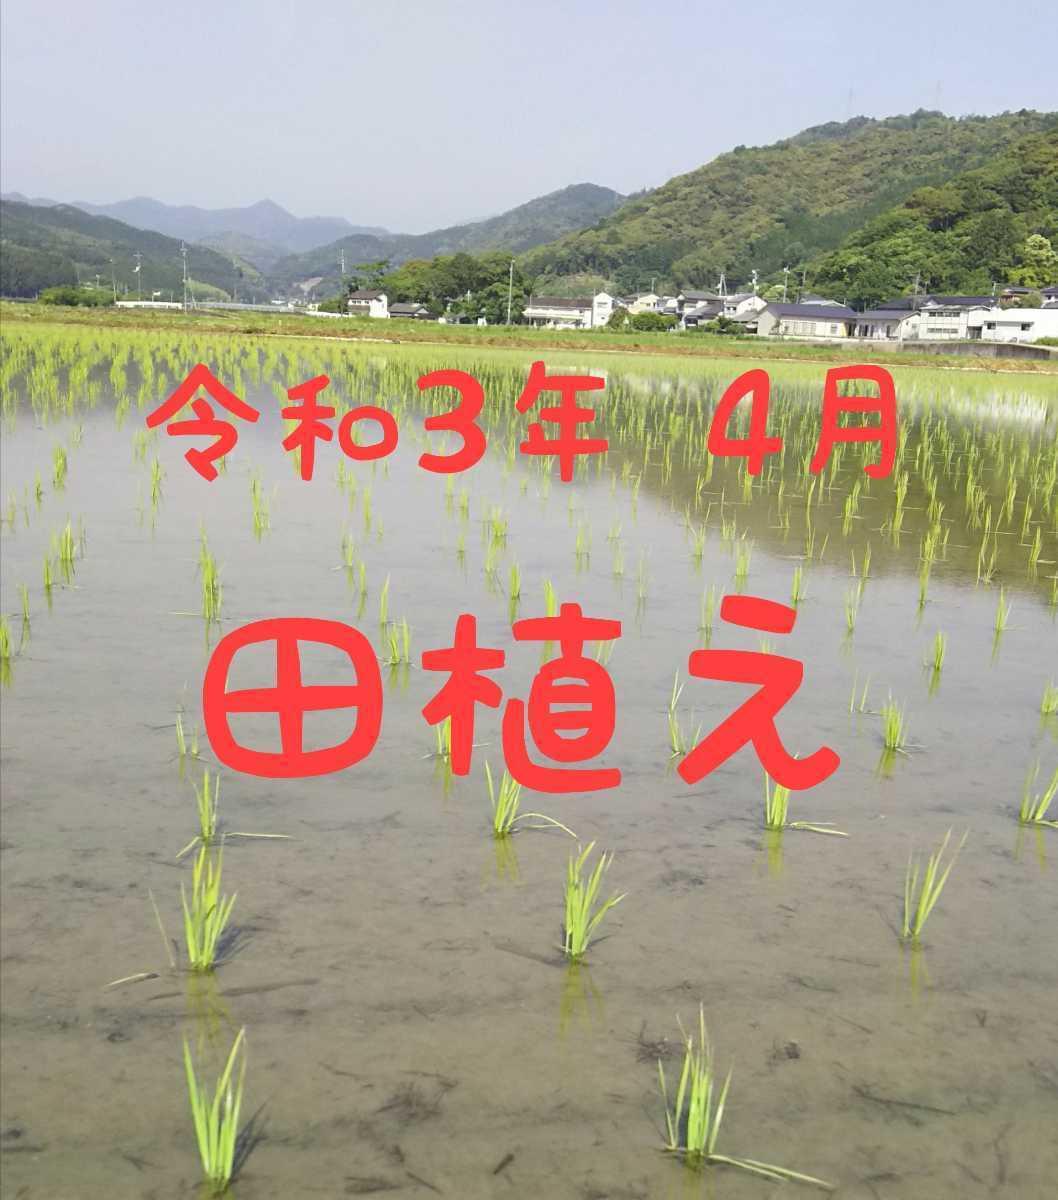 送料込み 令和3年産 高知県産 コシヒカリ玄米10㎏(袋込み)_画像2